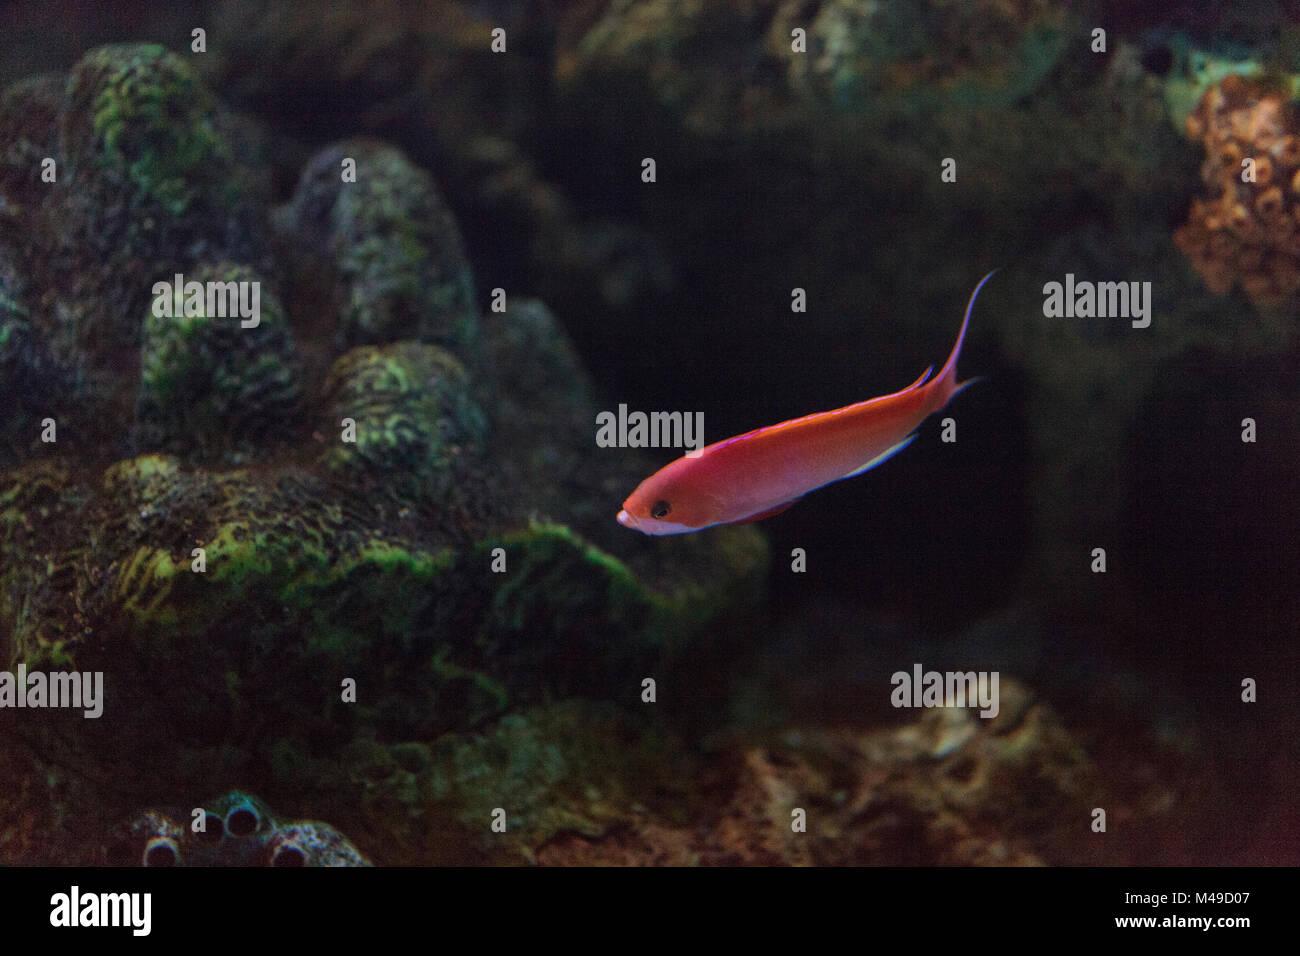 Pink Bicolor anthias fish Pseudanthias bicolor - Stock Image